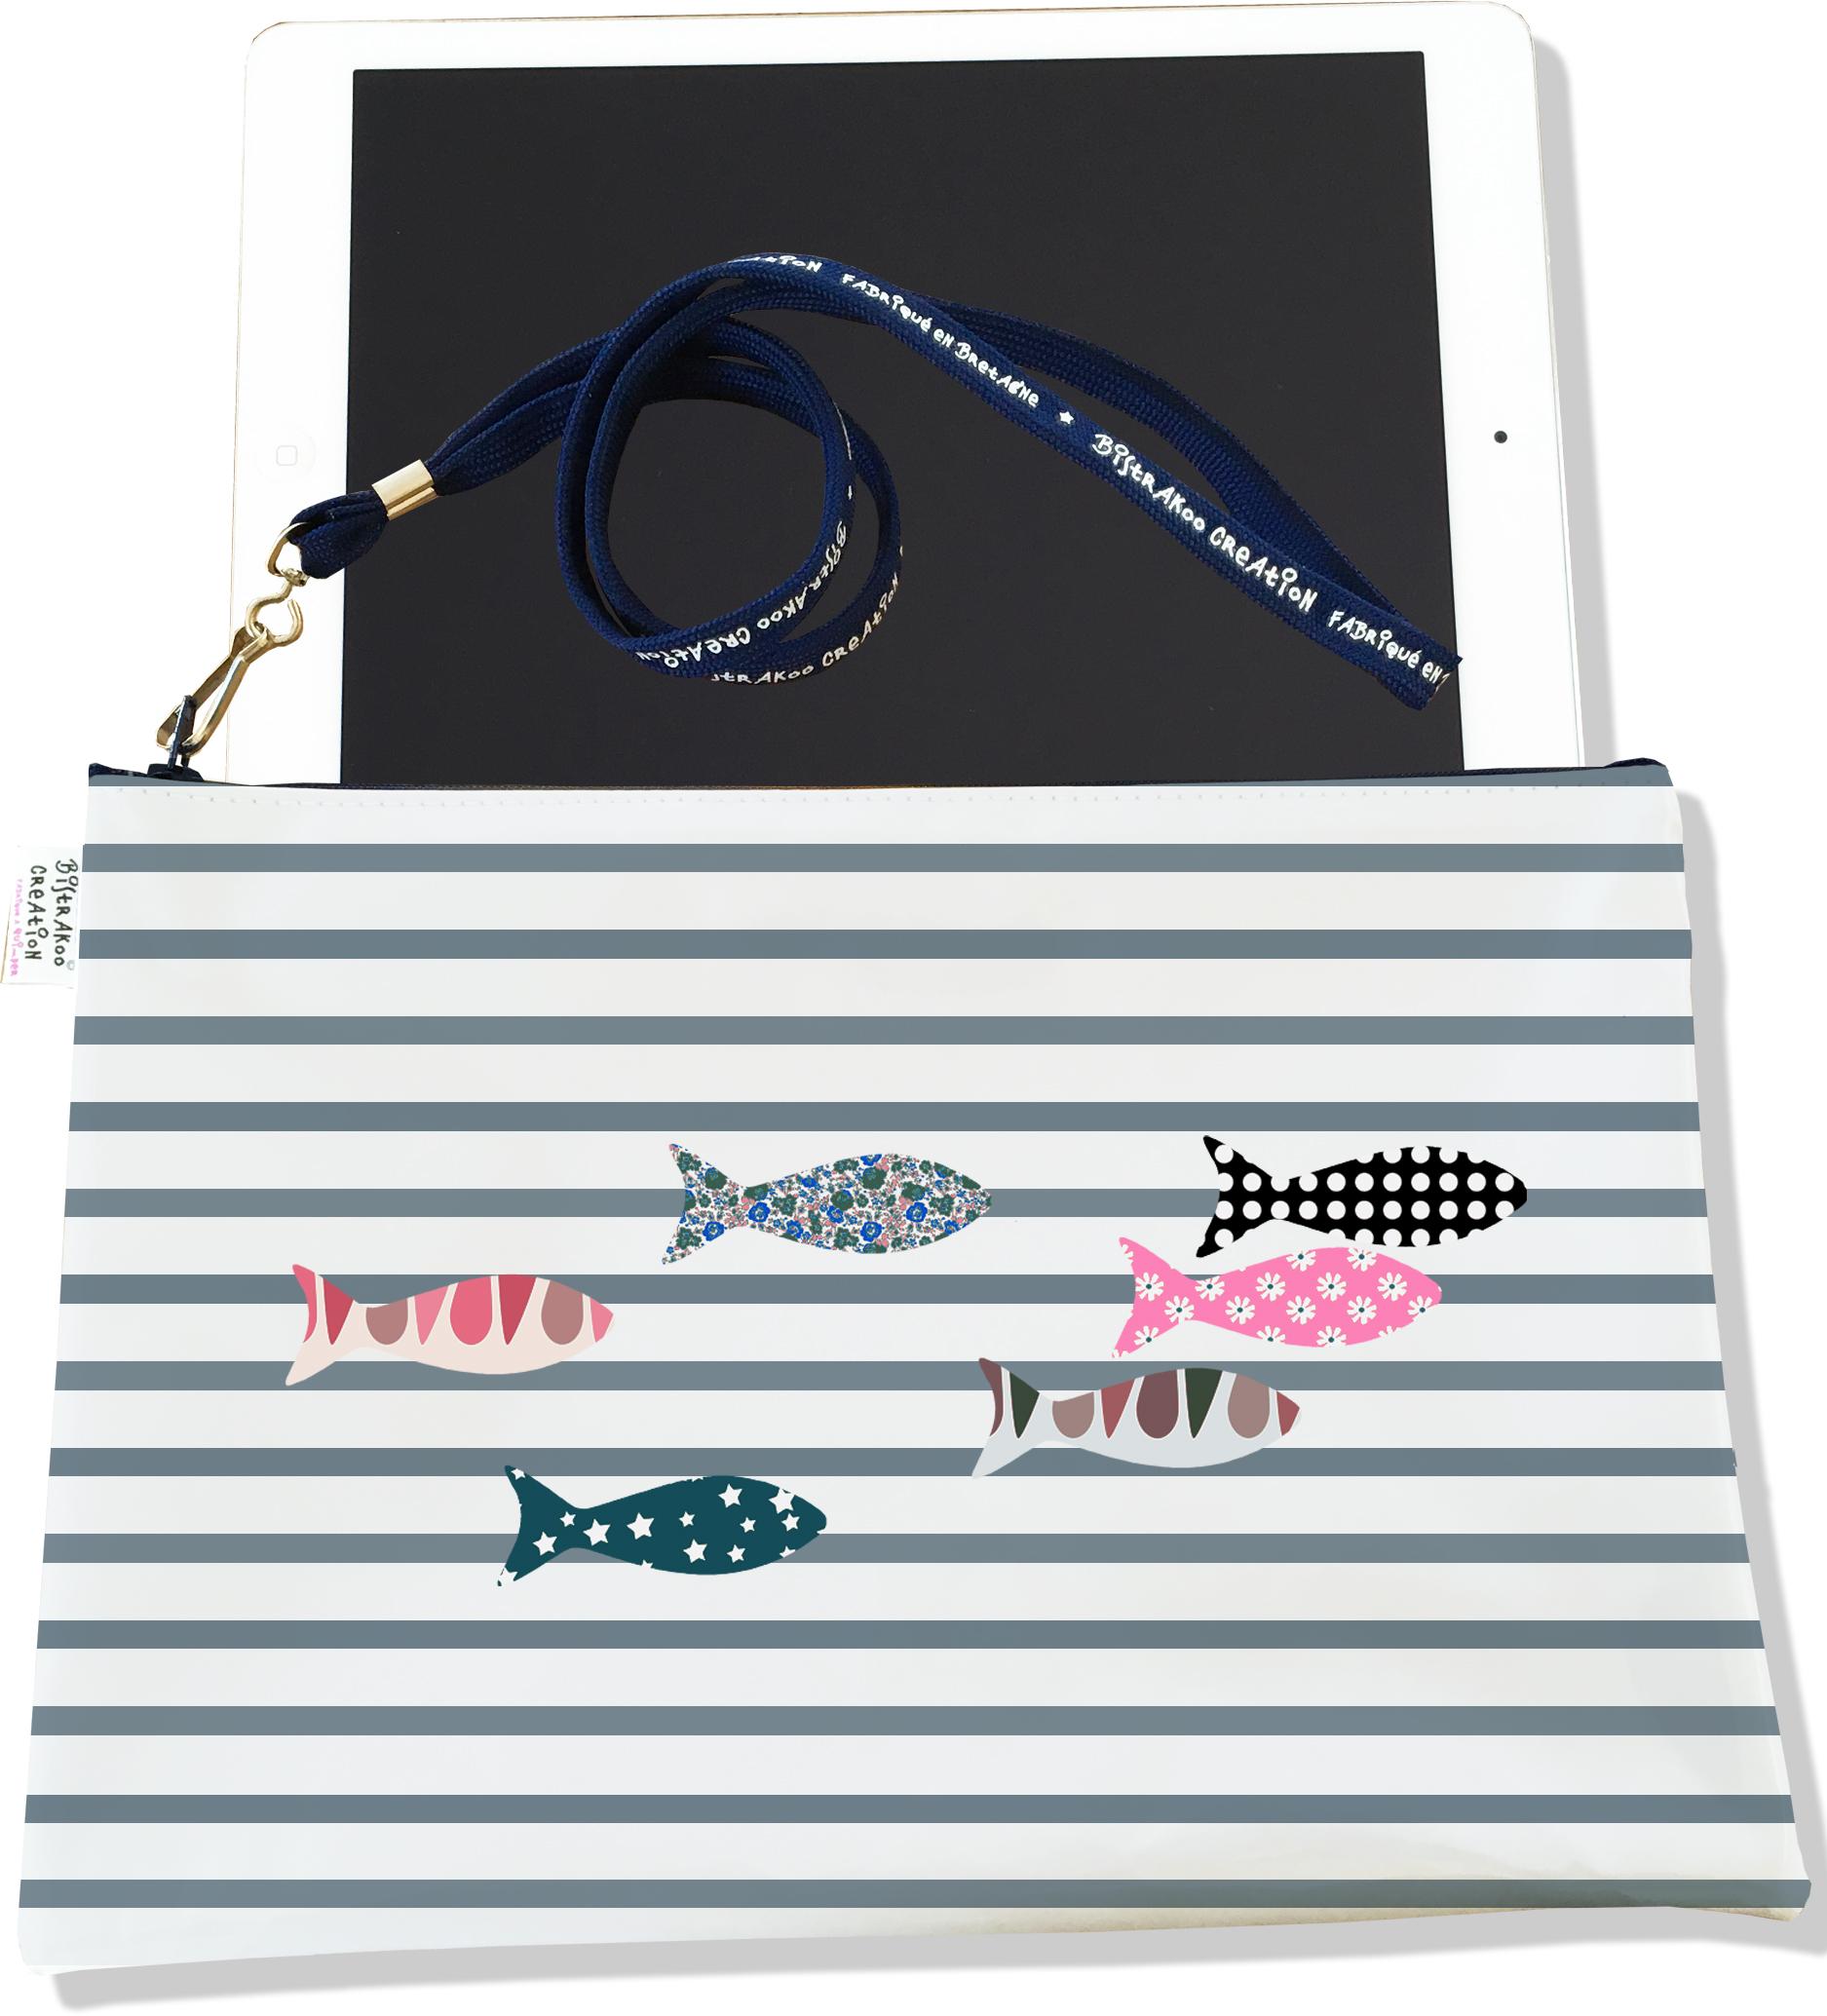 Housse pour tablette pour femme motif Marinière grise poissons multicolores 3271-2017